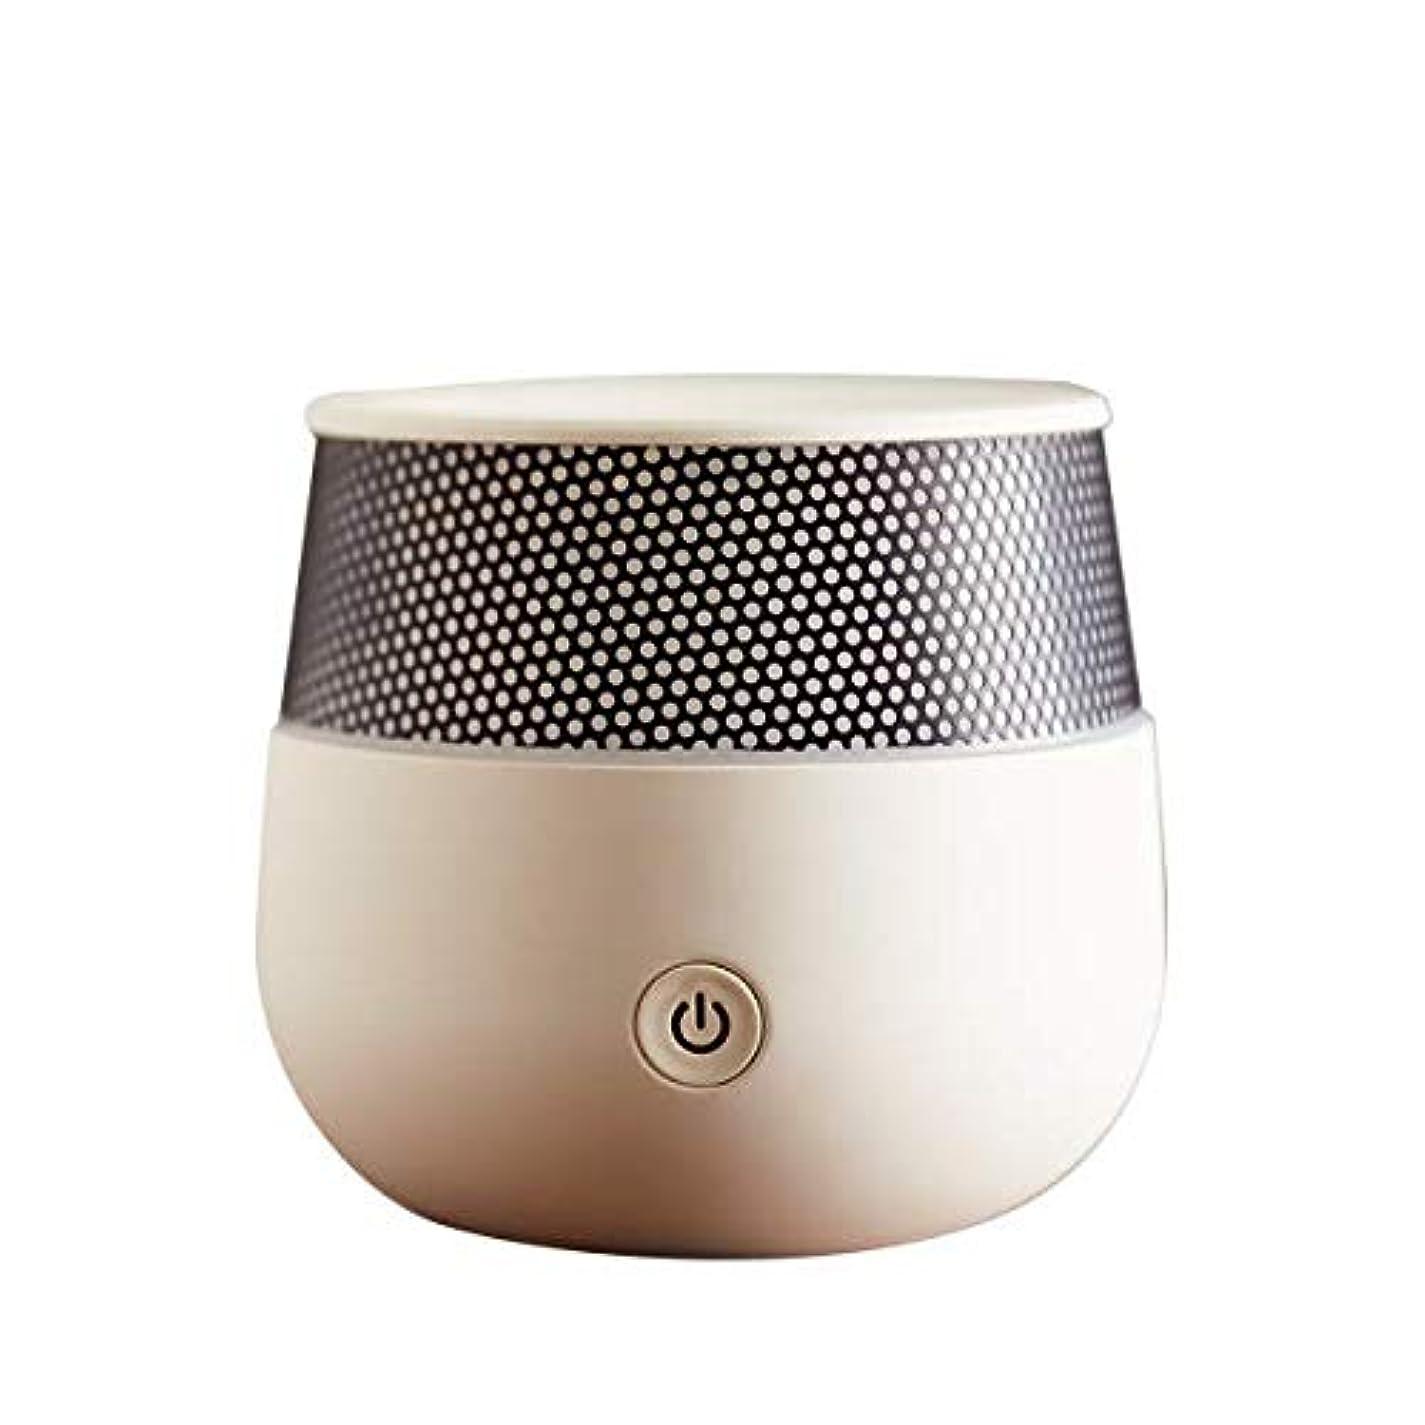 イベント広告選択するアロマディフューザー URUON-AROMA01 卓上 小型 加湿器 Uruon(ウルオン) 超音波加湿器 オーガニックアロマオイル対応 天然アロマオイル AROMA スリム アロマライト 7色セラピーグラデーションライト